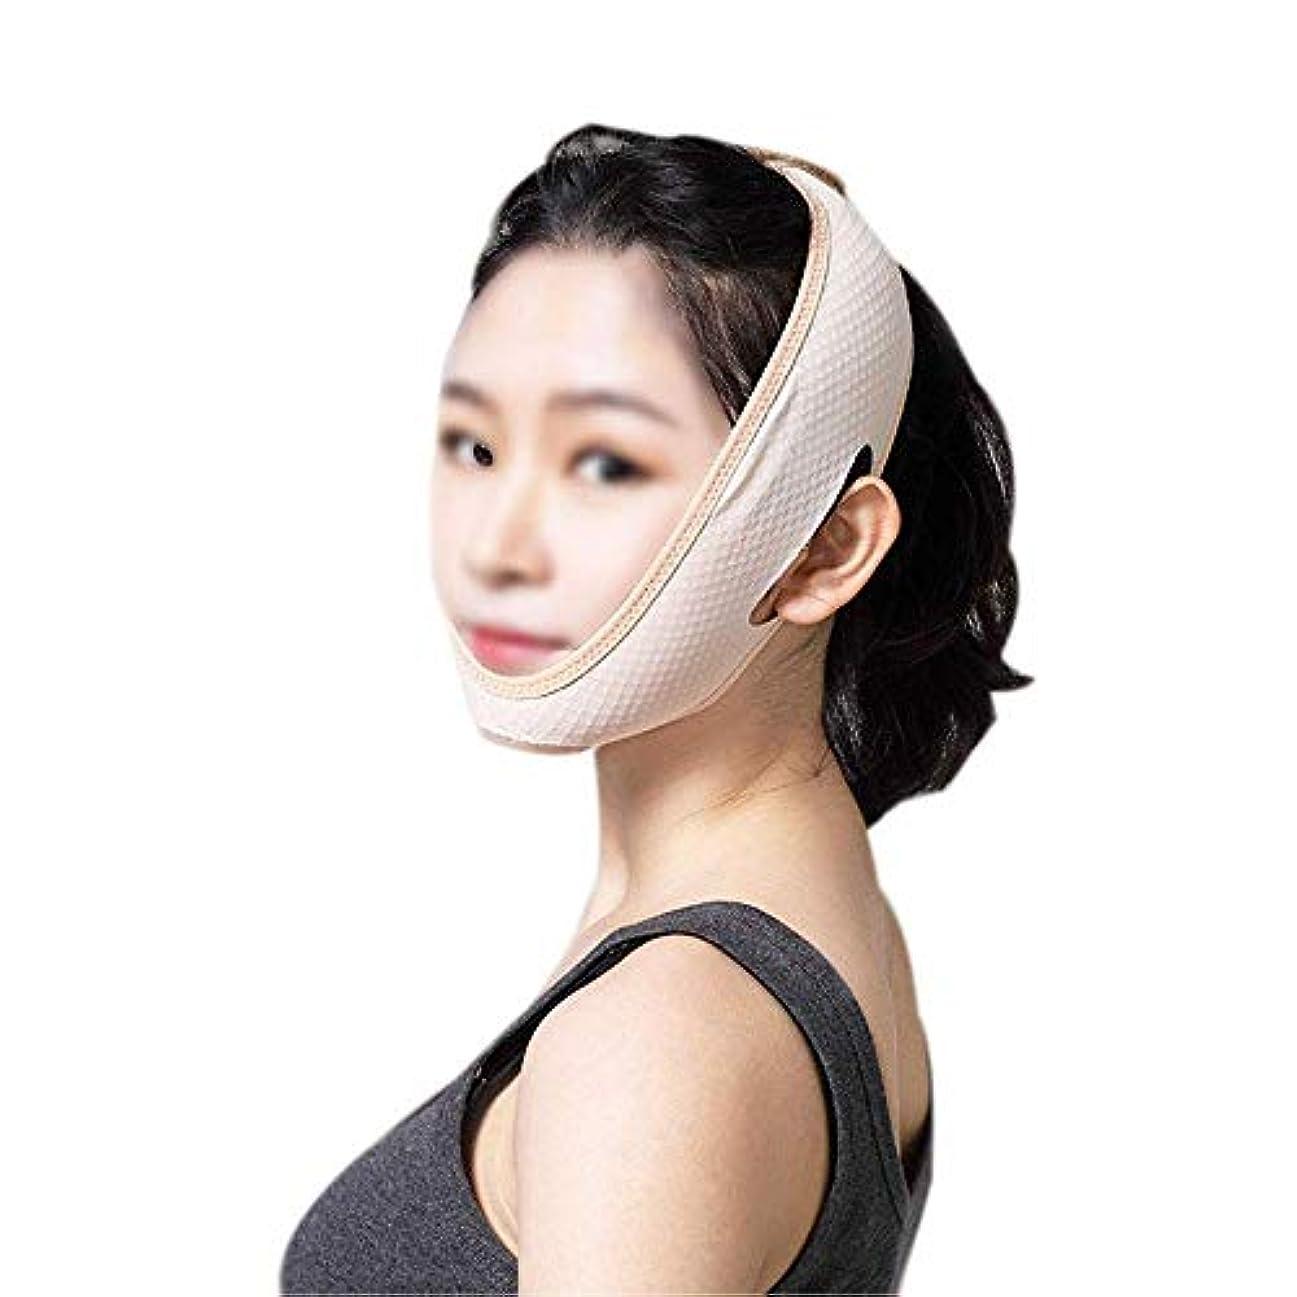 アクチュエータ法律により燃やすフェイスリフティングバンデージ、肌の引き締めを強化する薄いフェイスマスクの睡眠、ダブルチンマスクの削減